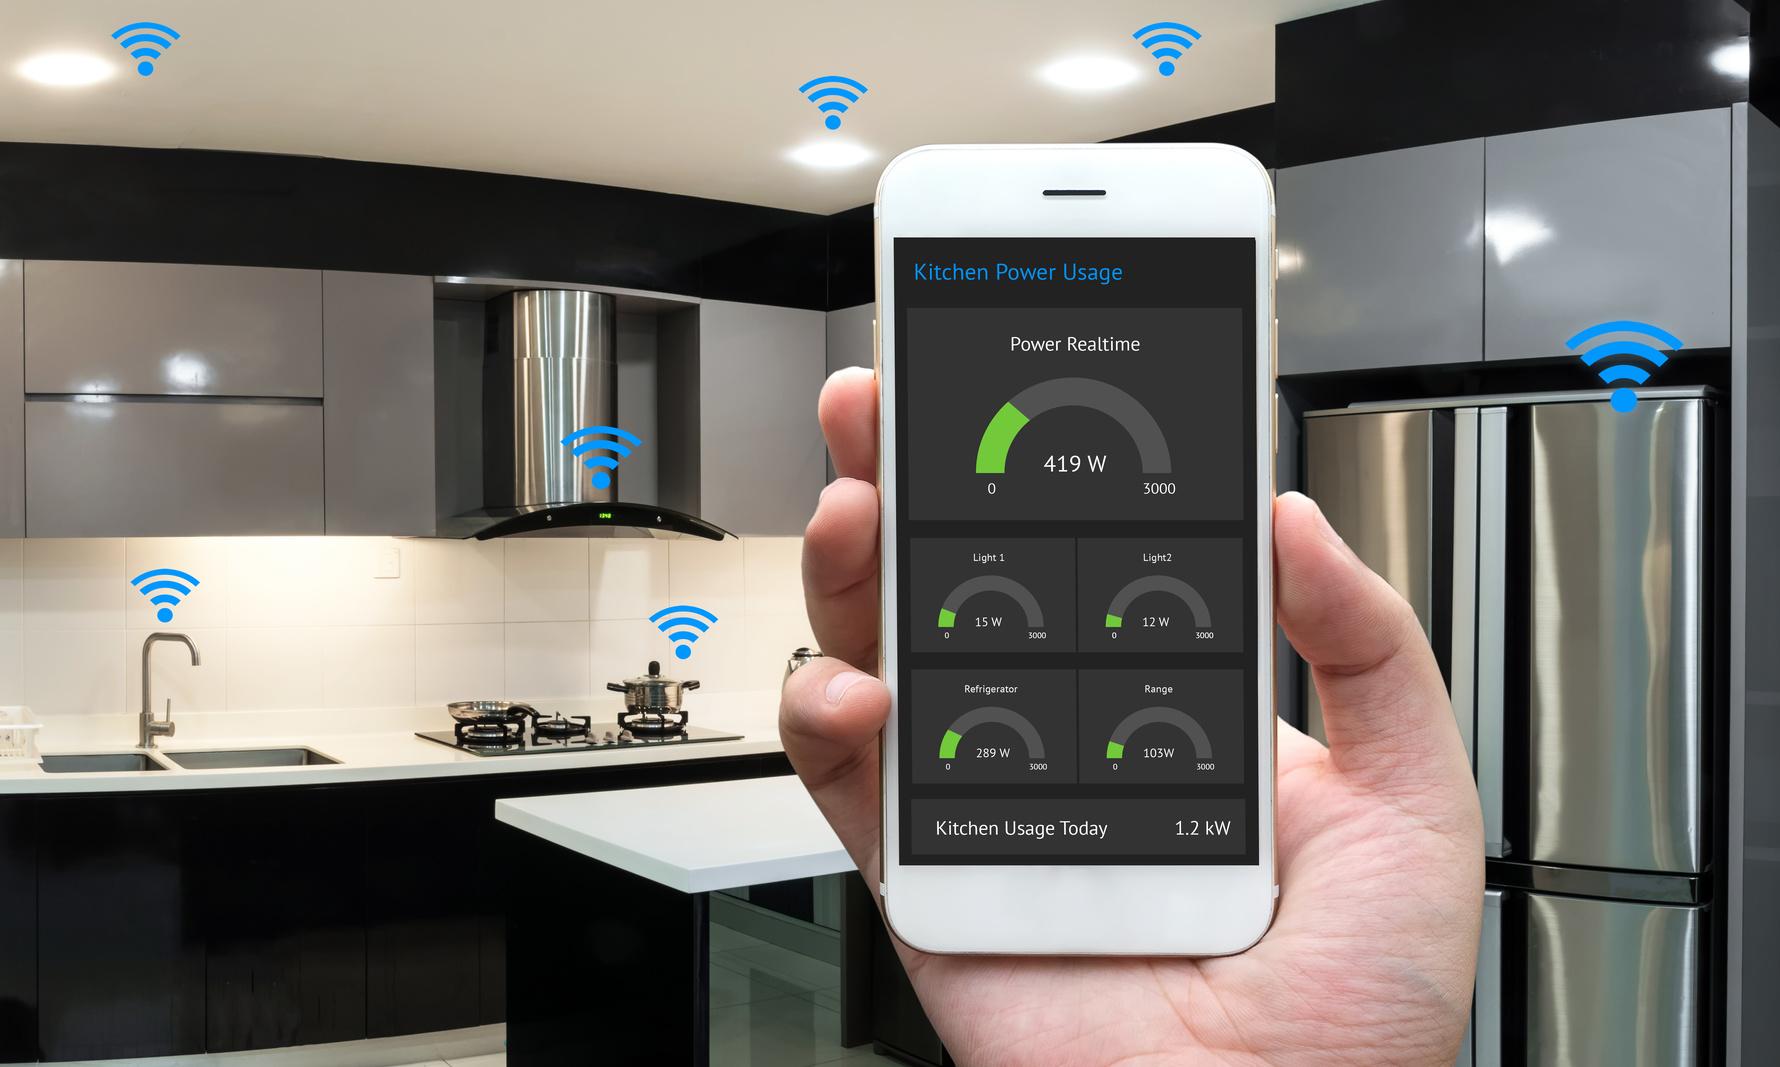 El estándar Wi-Fi 802.11 ax, ya en propuestas comerciales en CES 2018